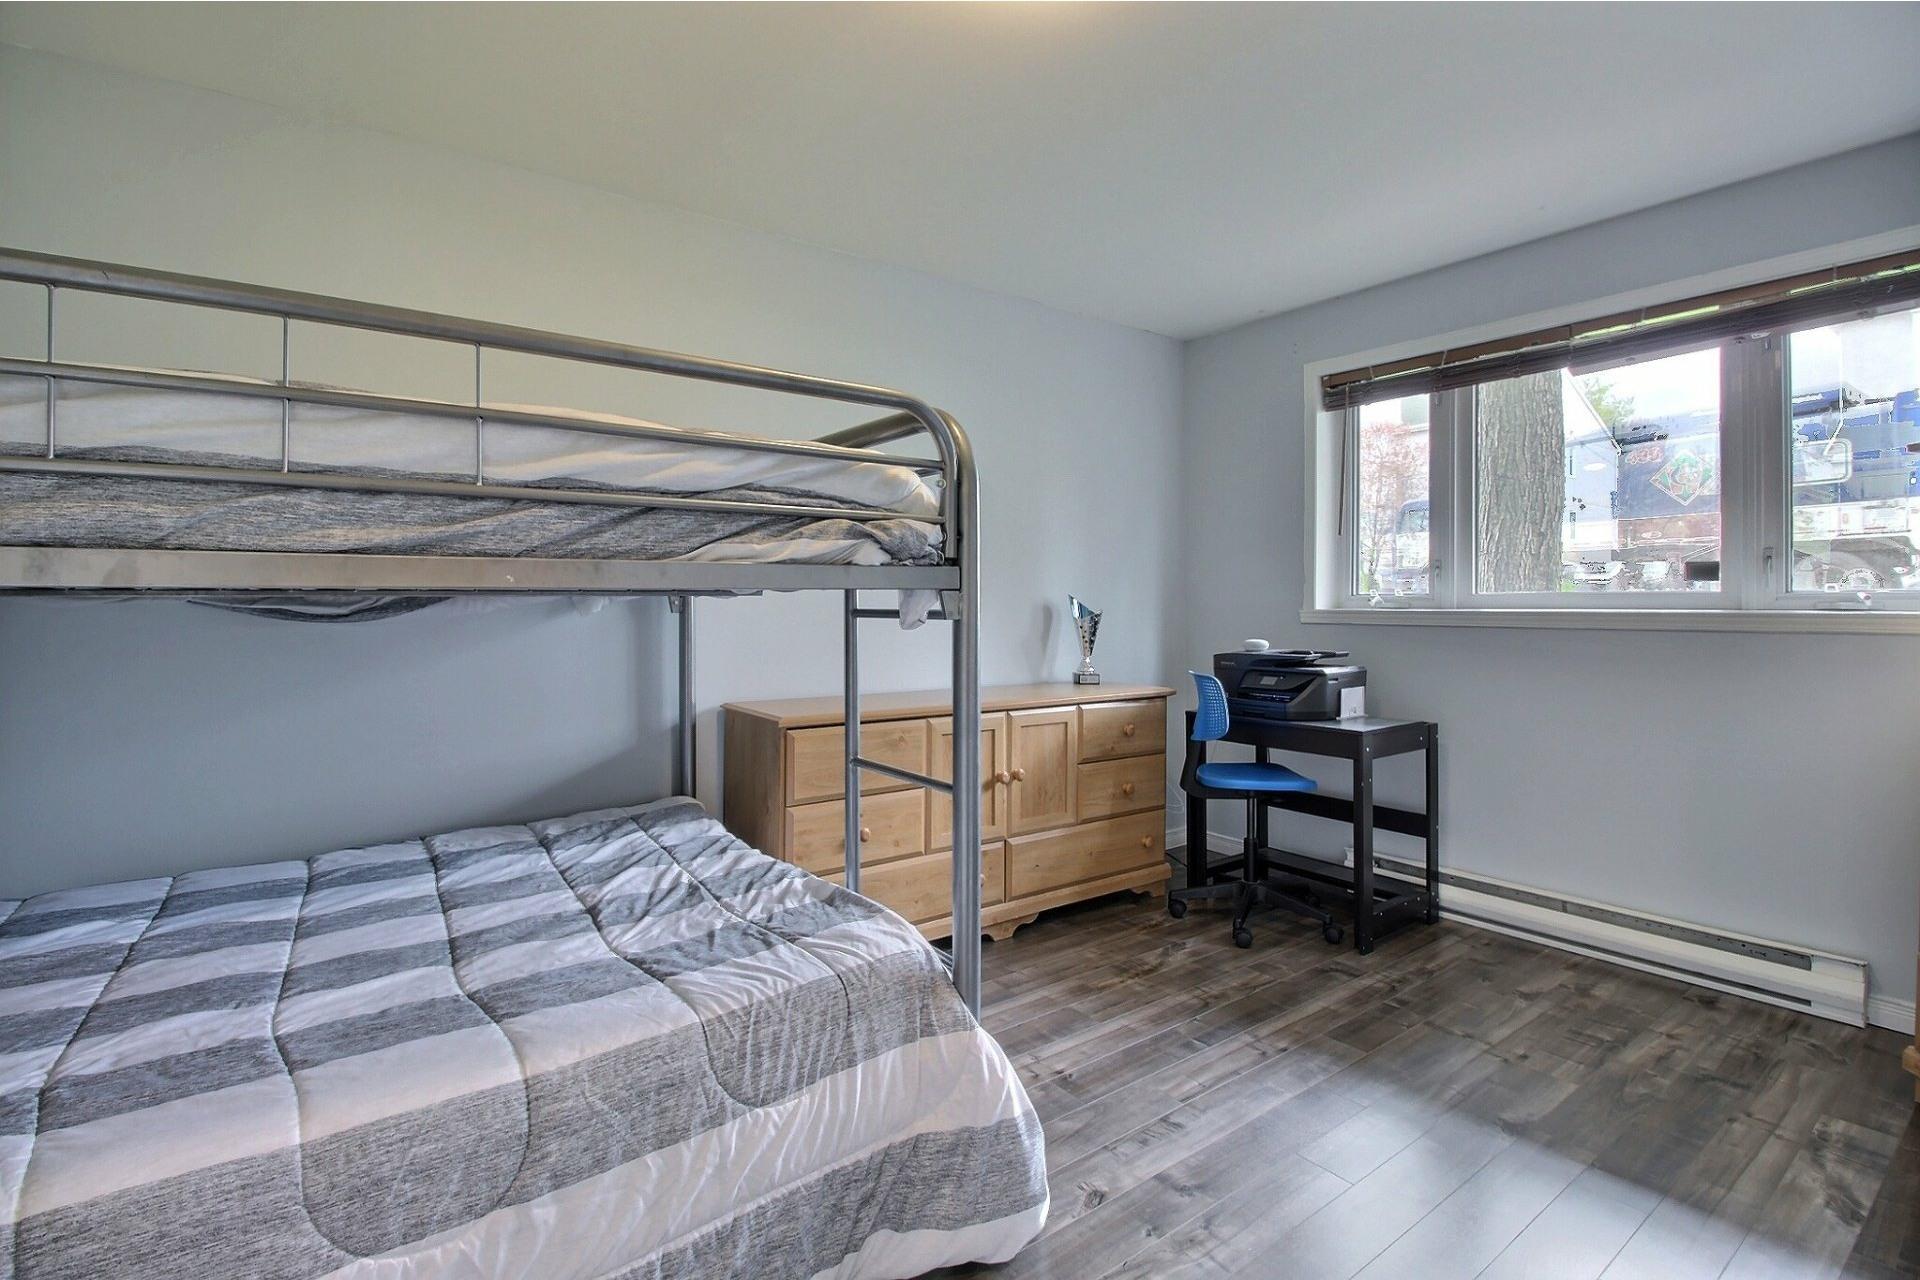 image 15 - Apartment For sale Terrebonne Terrebonne  - 6 rooms